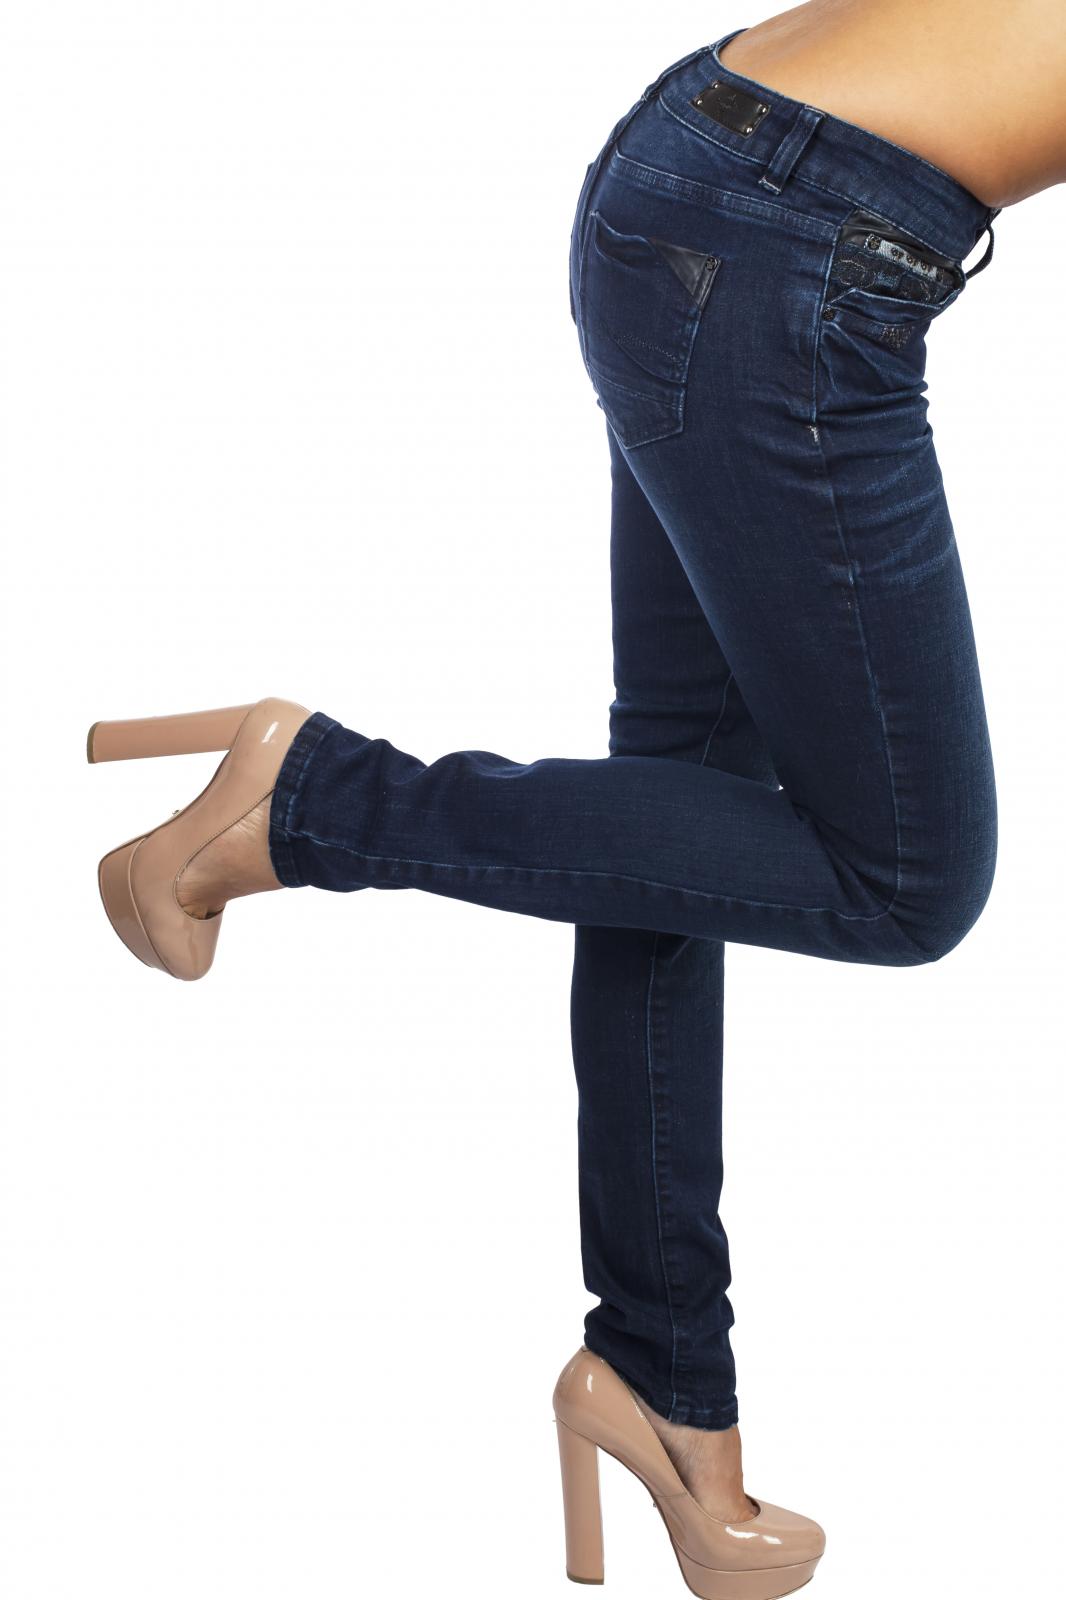 Купить модные женские джинсы L.M.V. – все размеры в наличии в Москве